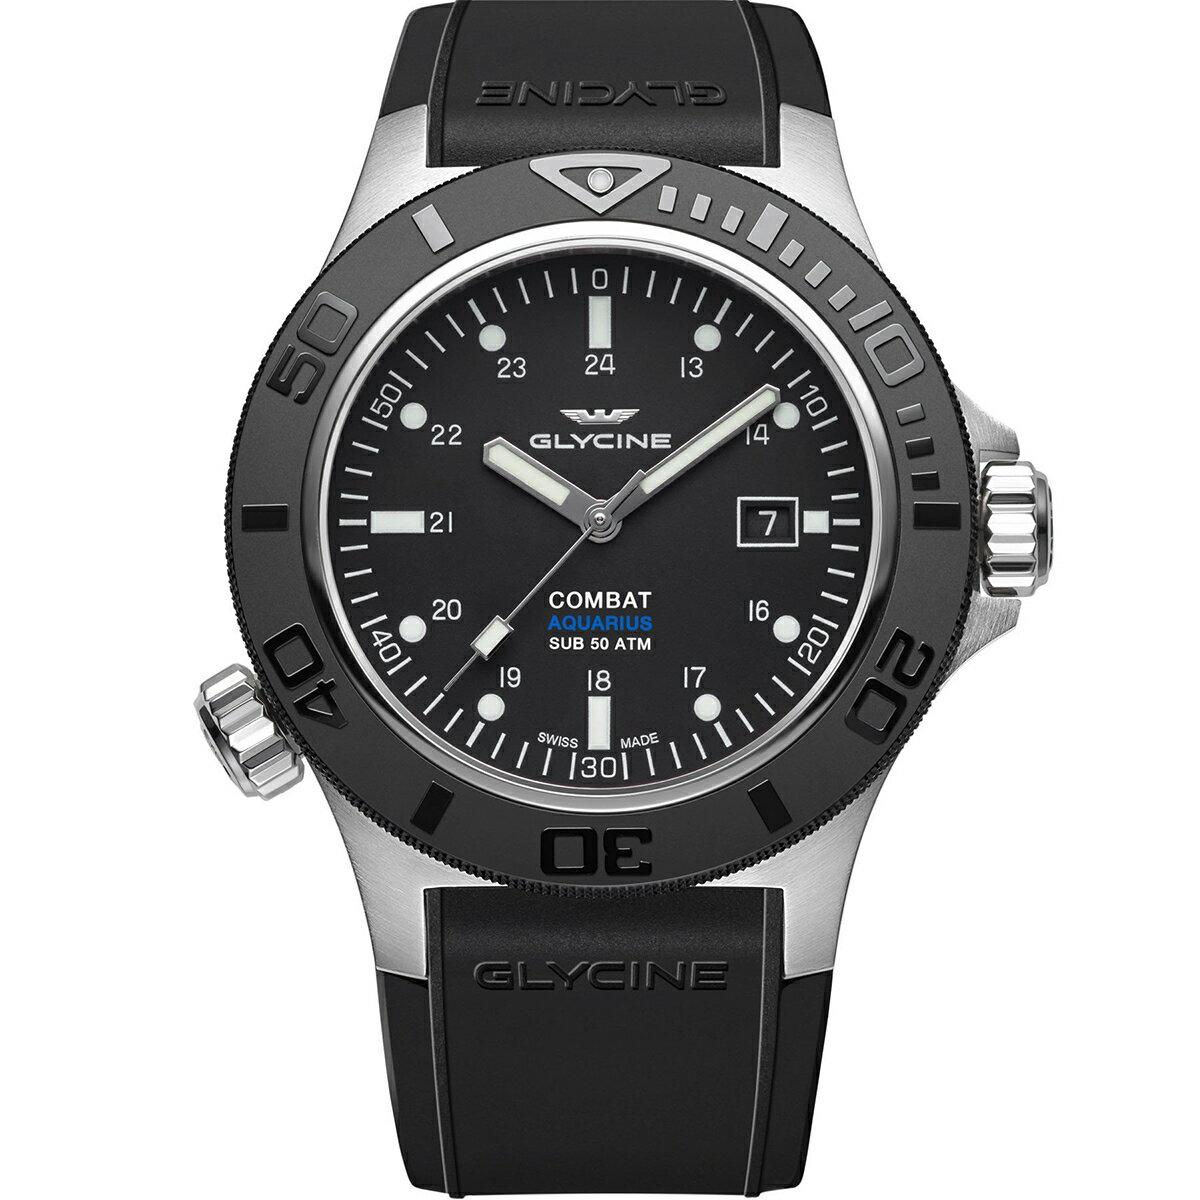 グライシン グリシン GLYCINE コンバット サブ アクエリアス COMBAT SUB AQUARIUS GL0039 メンズ 時計 腕時計 自動巻き オートマチック スイス製 スイスメイド ダイバーズ